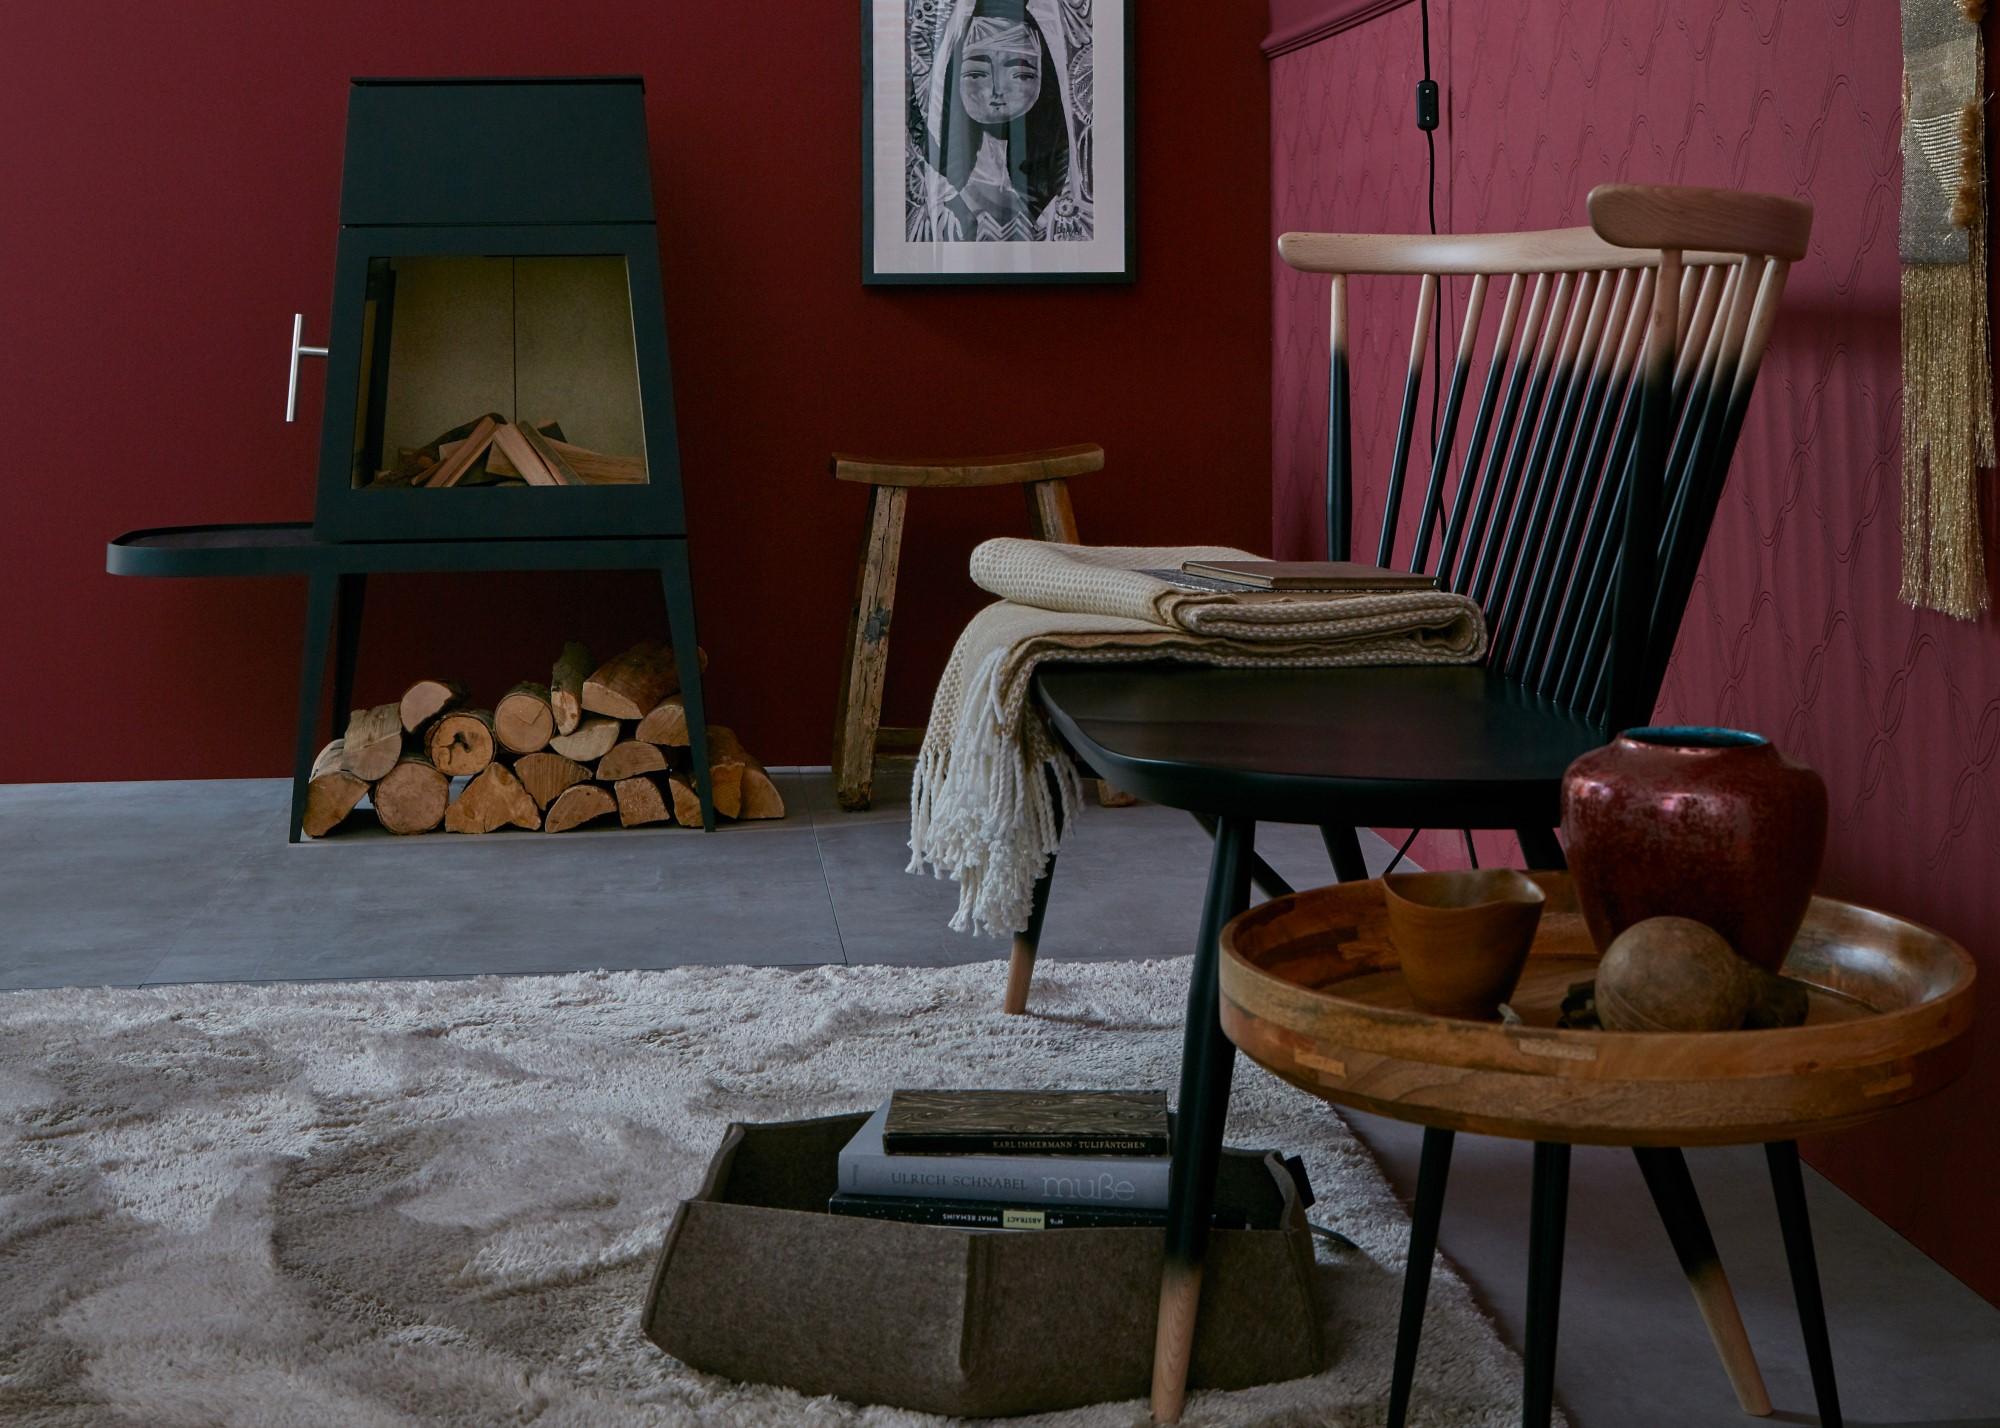 schoner wohnen teppich, schöner wohnen tappeto moderno armonia morbida e confortevole, Design ideen